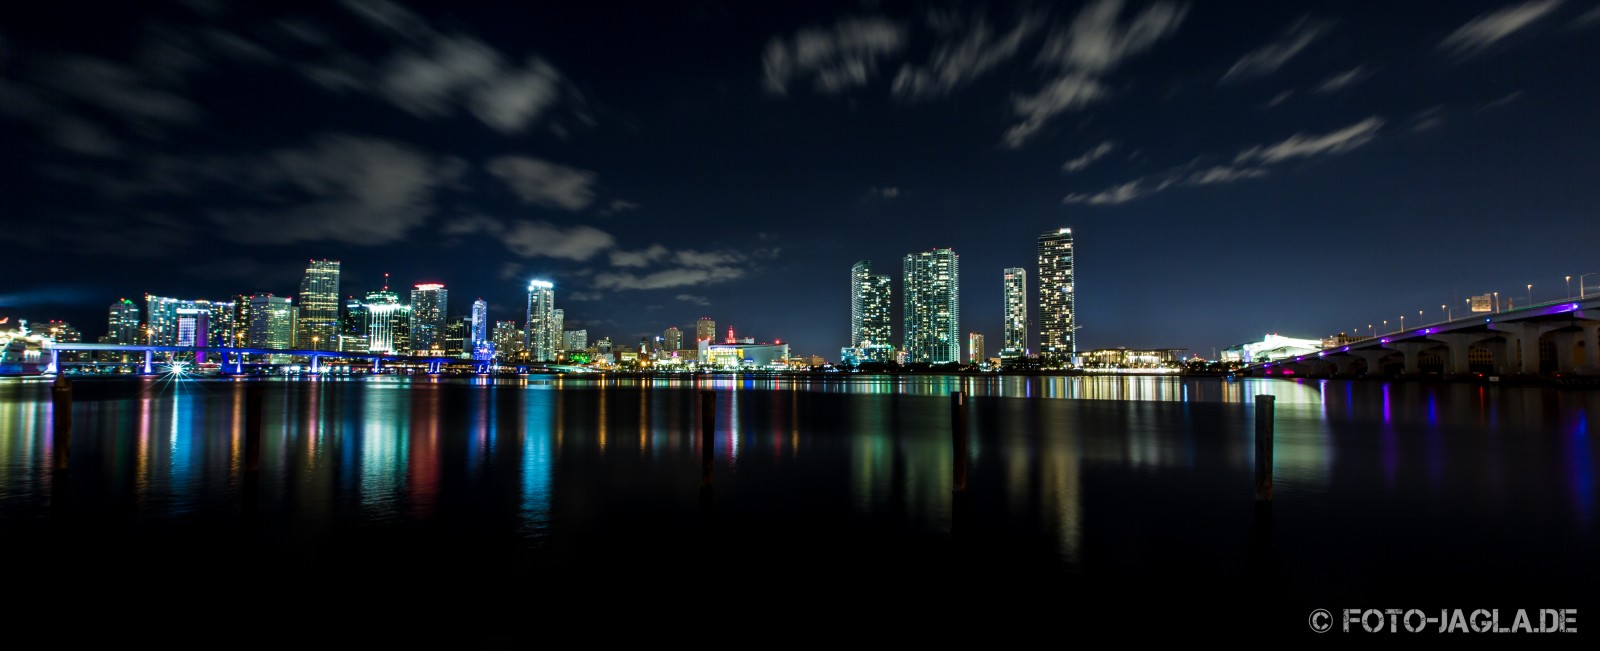 MacArthur Causeway, Miami (Florida)